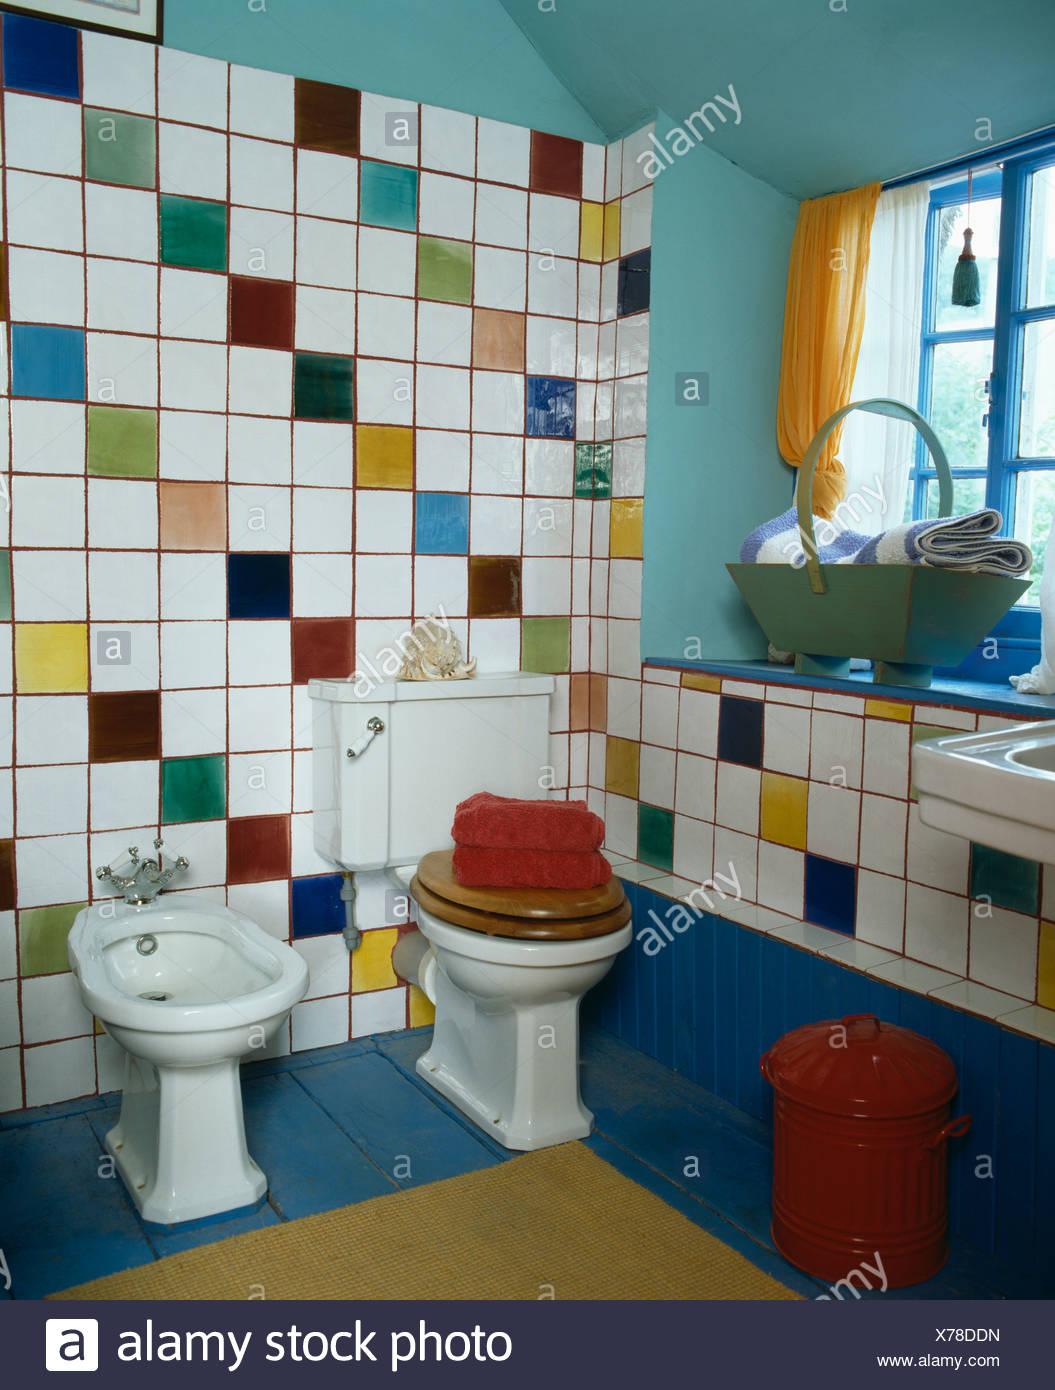 Mehrfarbige Wandfliesen über dem Bidet und Toilette im Badezimmer ...